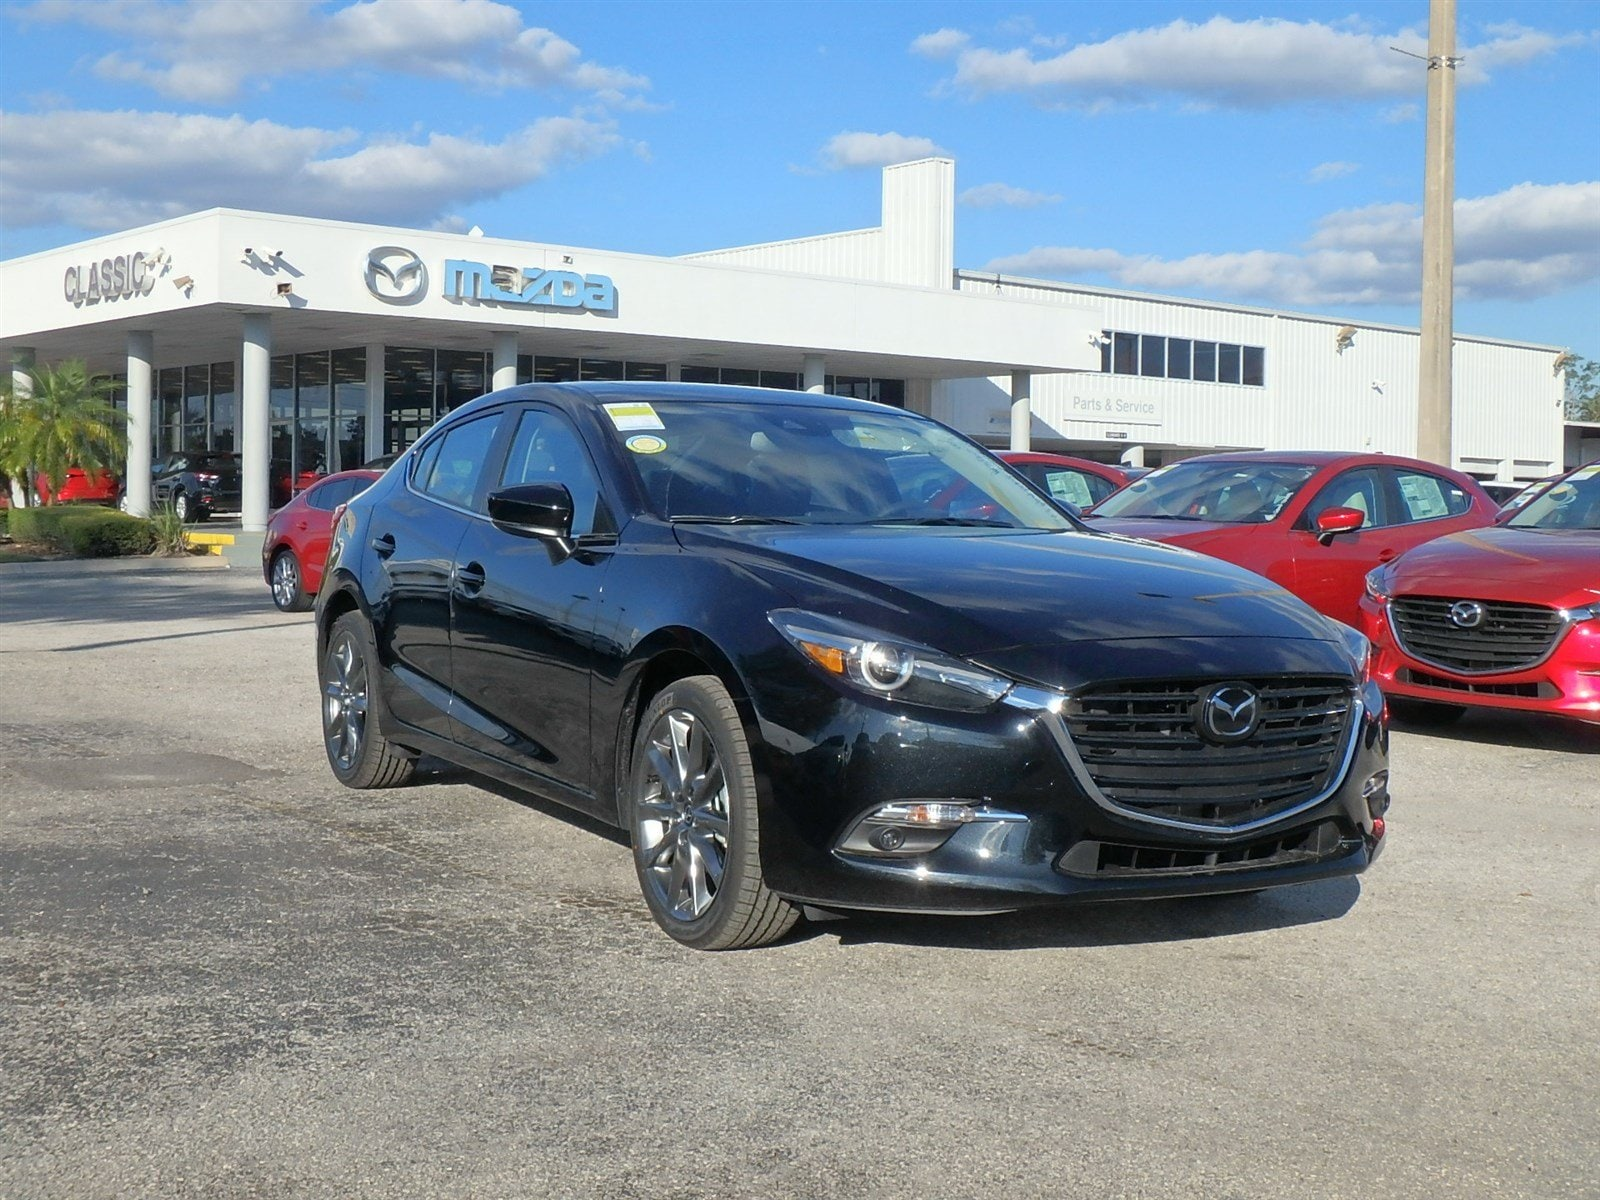 New 2018 Mazda Mazda3 Grand Touring Sedan For Sale In Orlando, FL